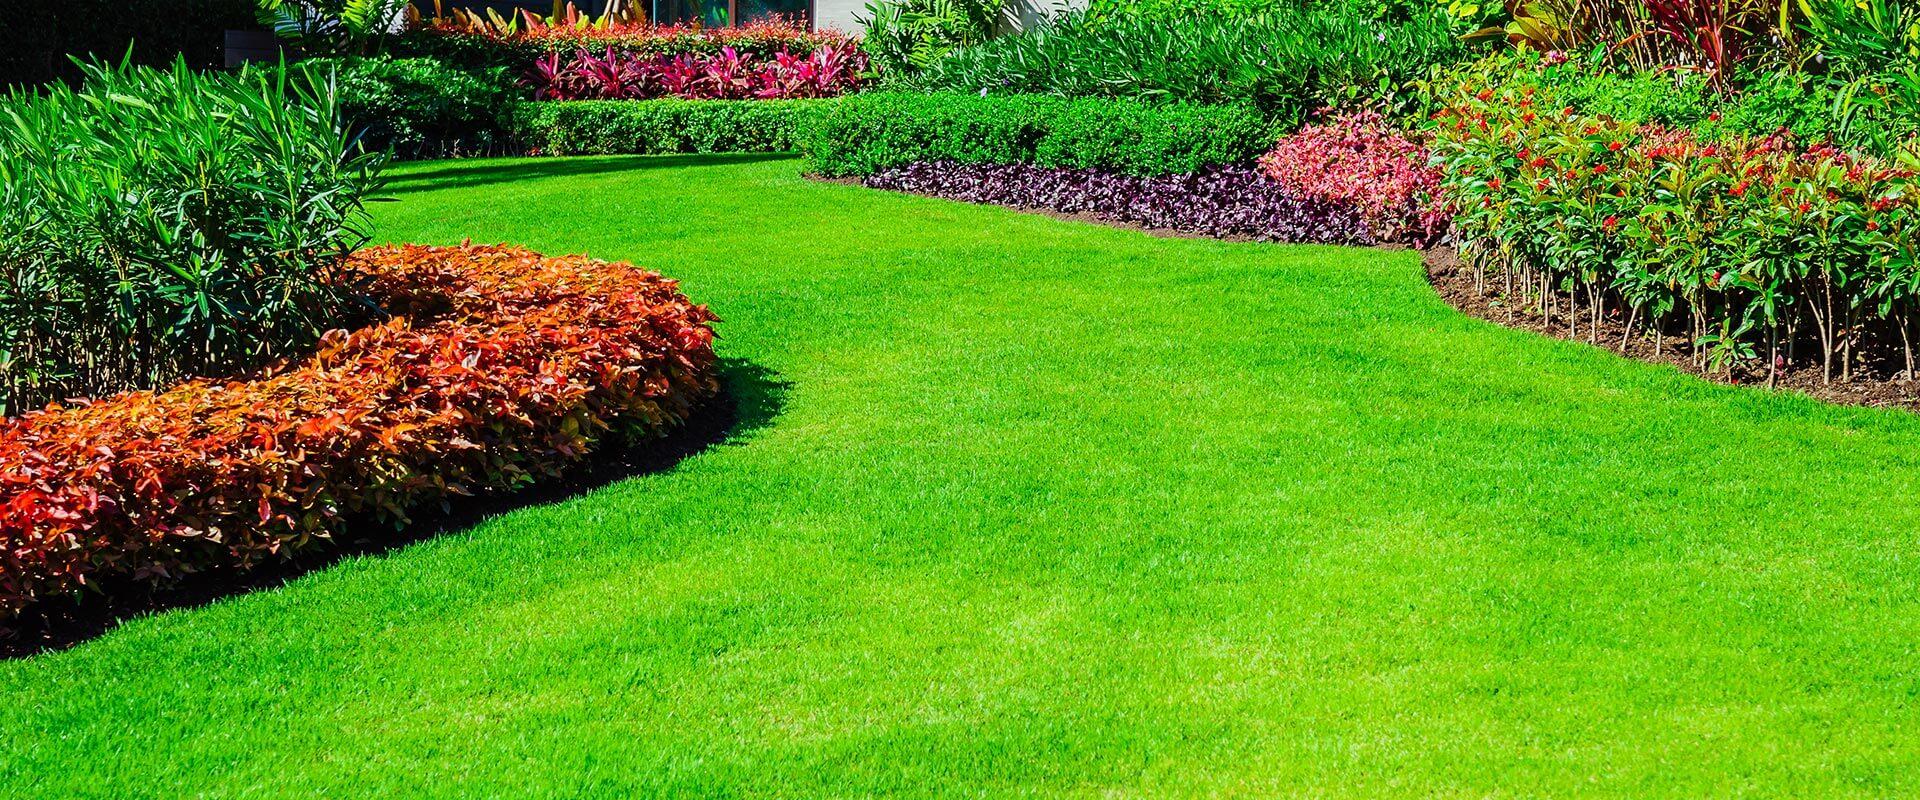 Omaha Landscaping Company